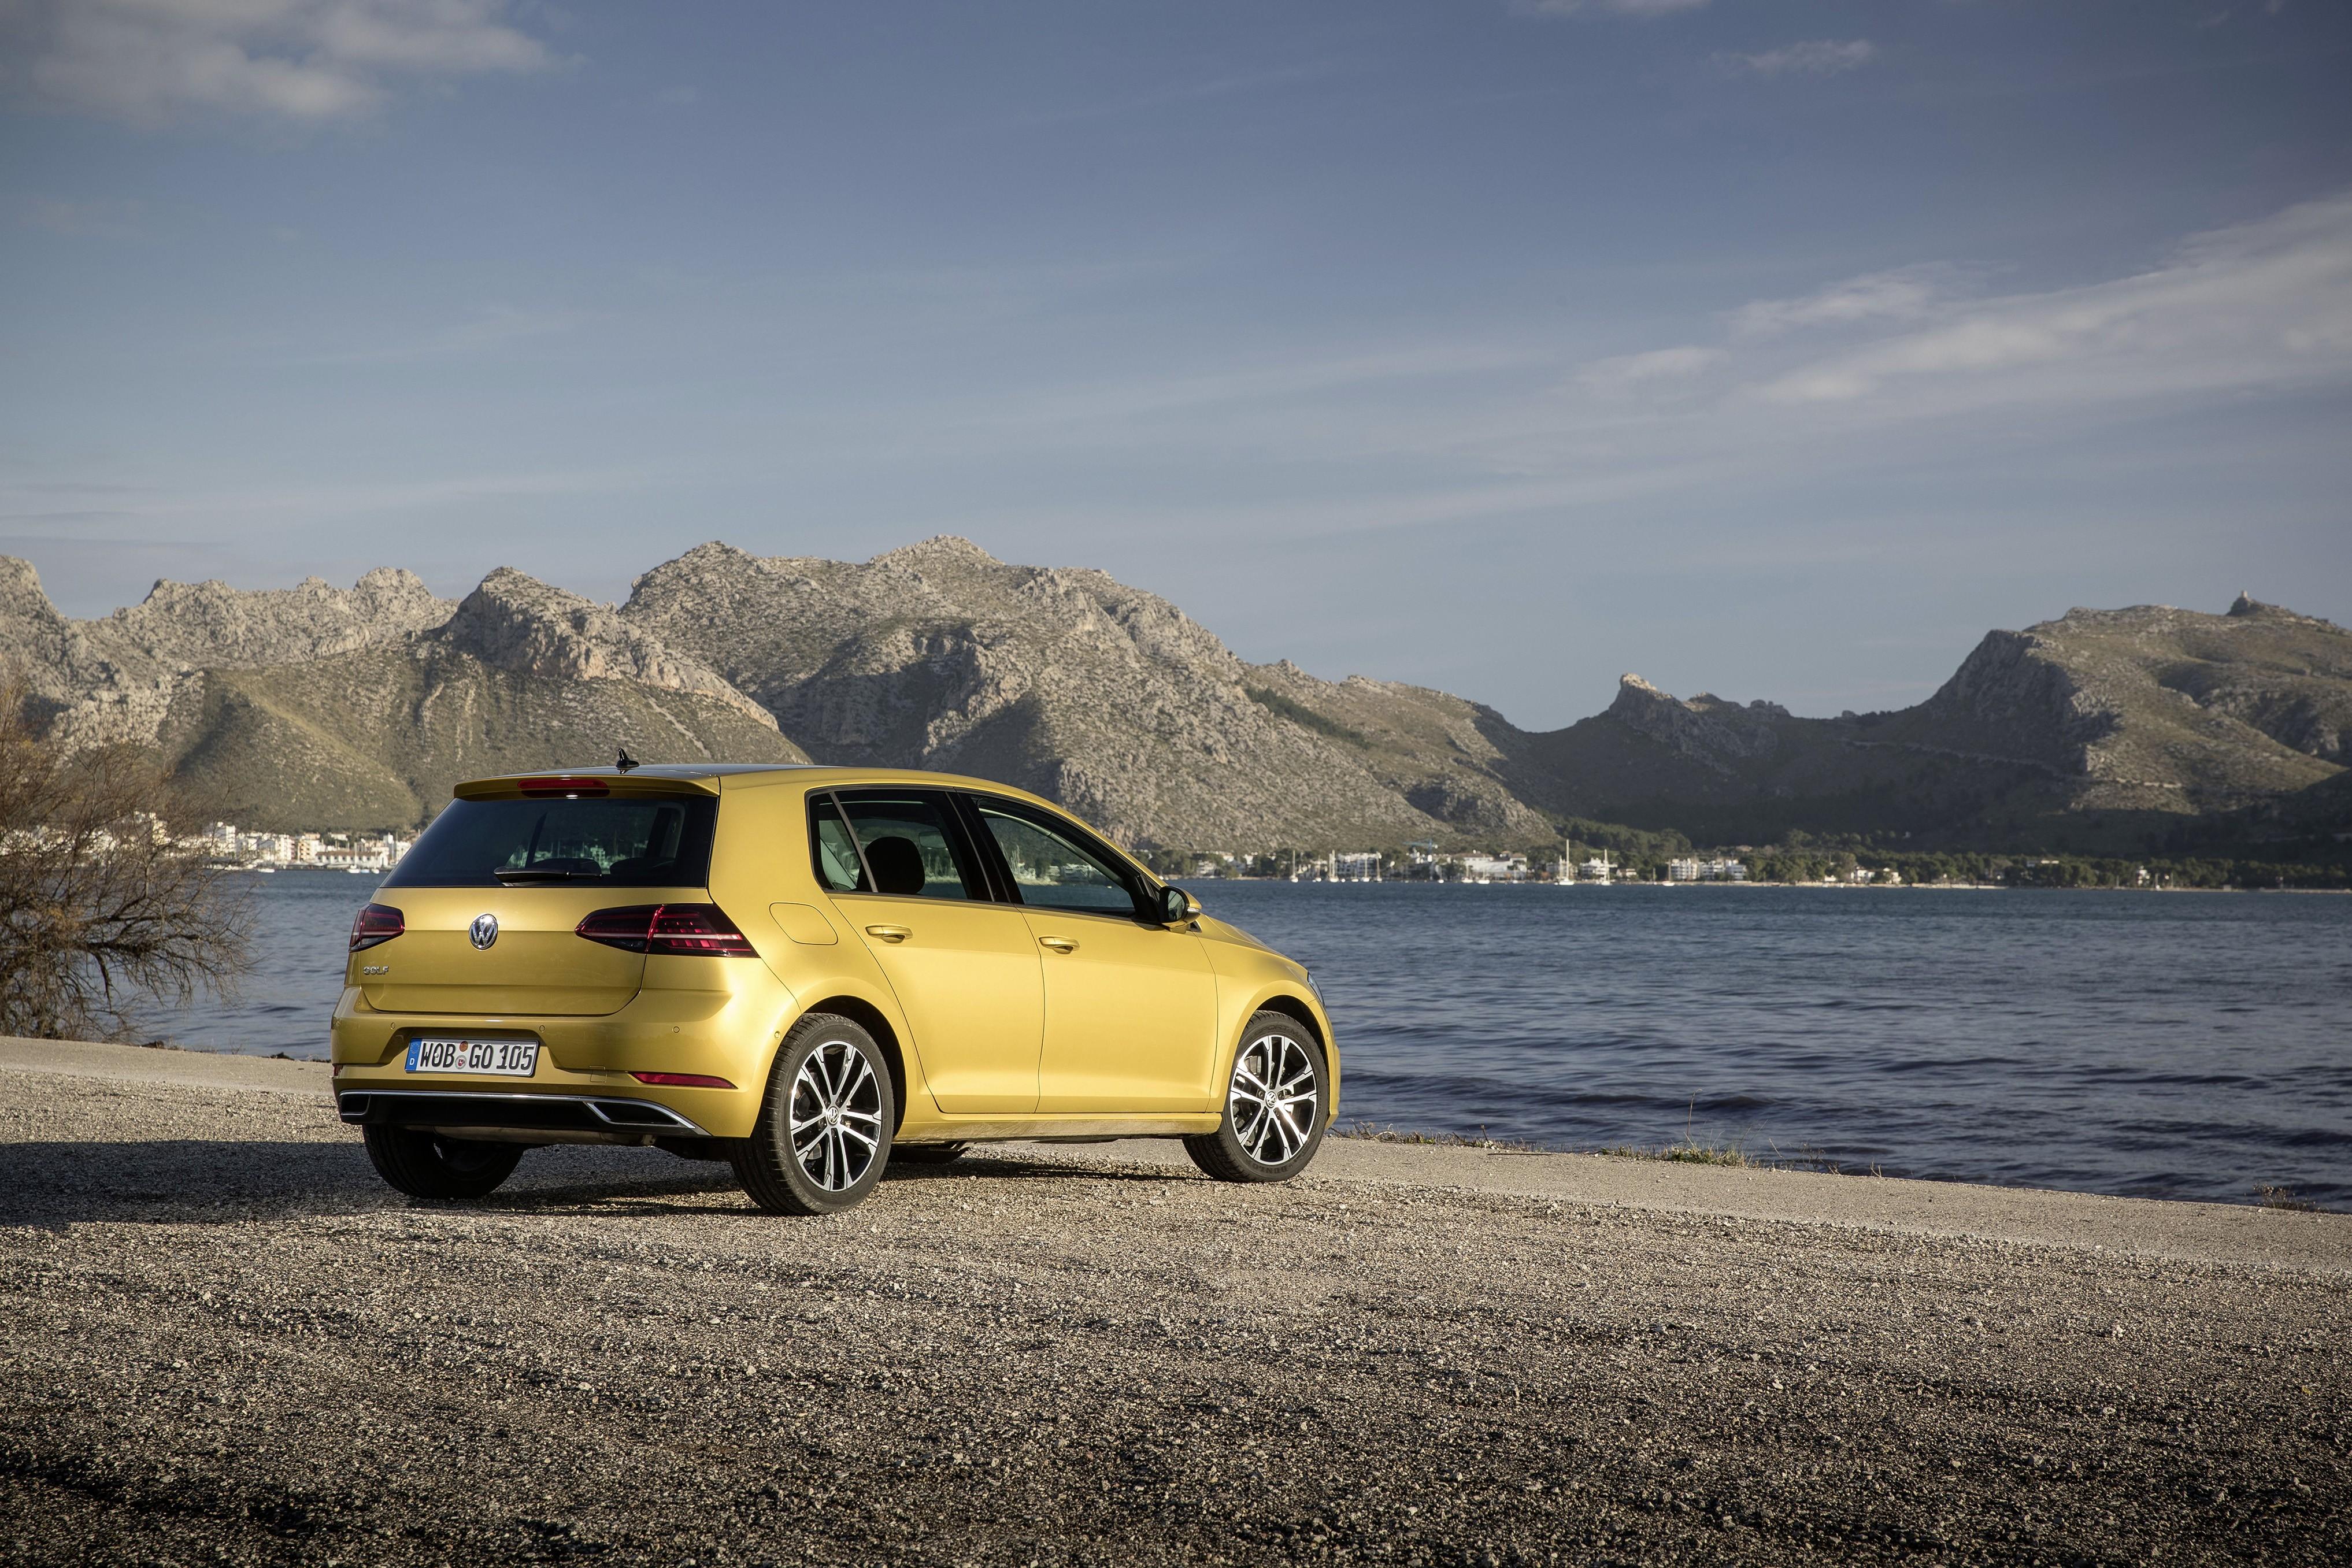 2017 Volkswagen Golf Tsi S >> 2013 VW Golf GTI (Mk7) Fresh Details - autoevolution